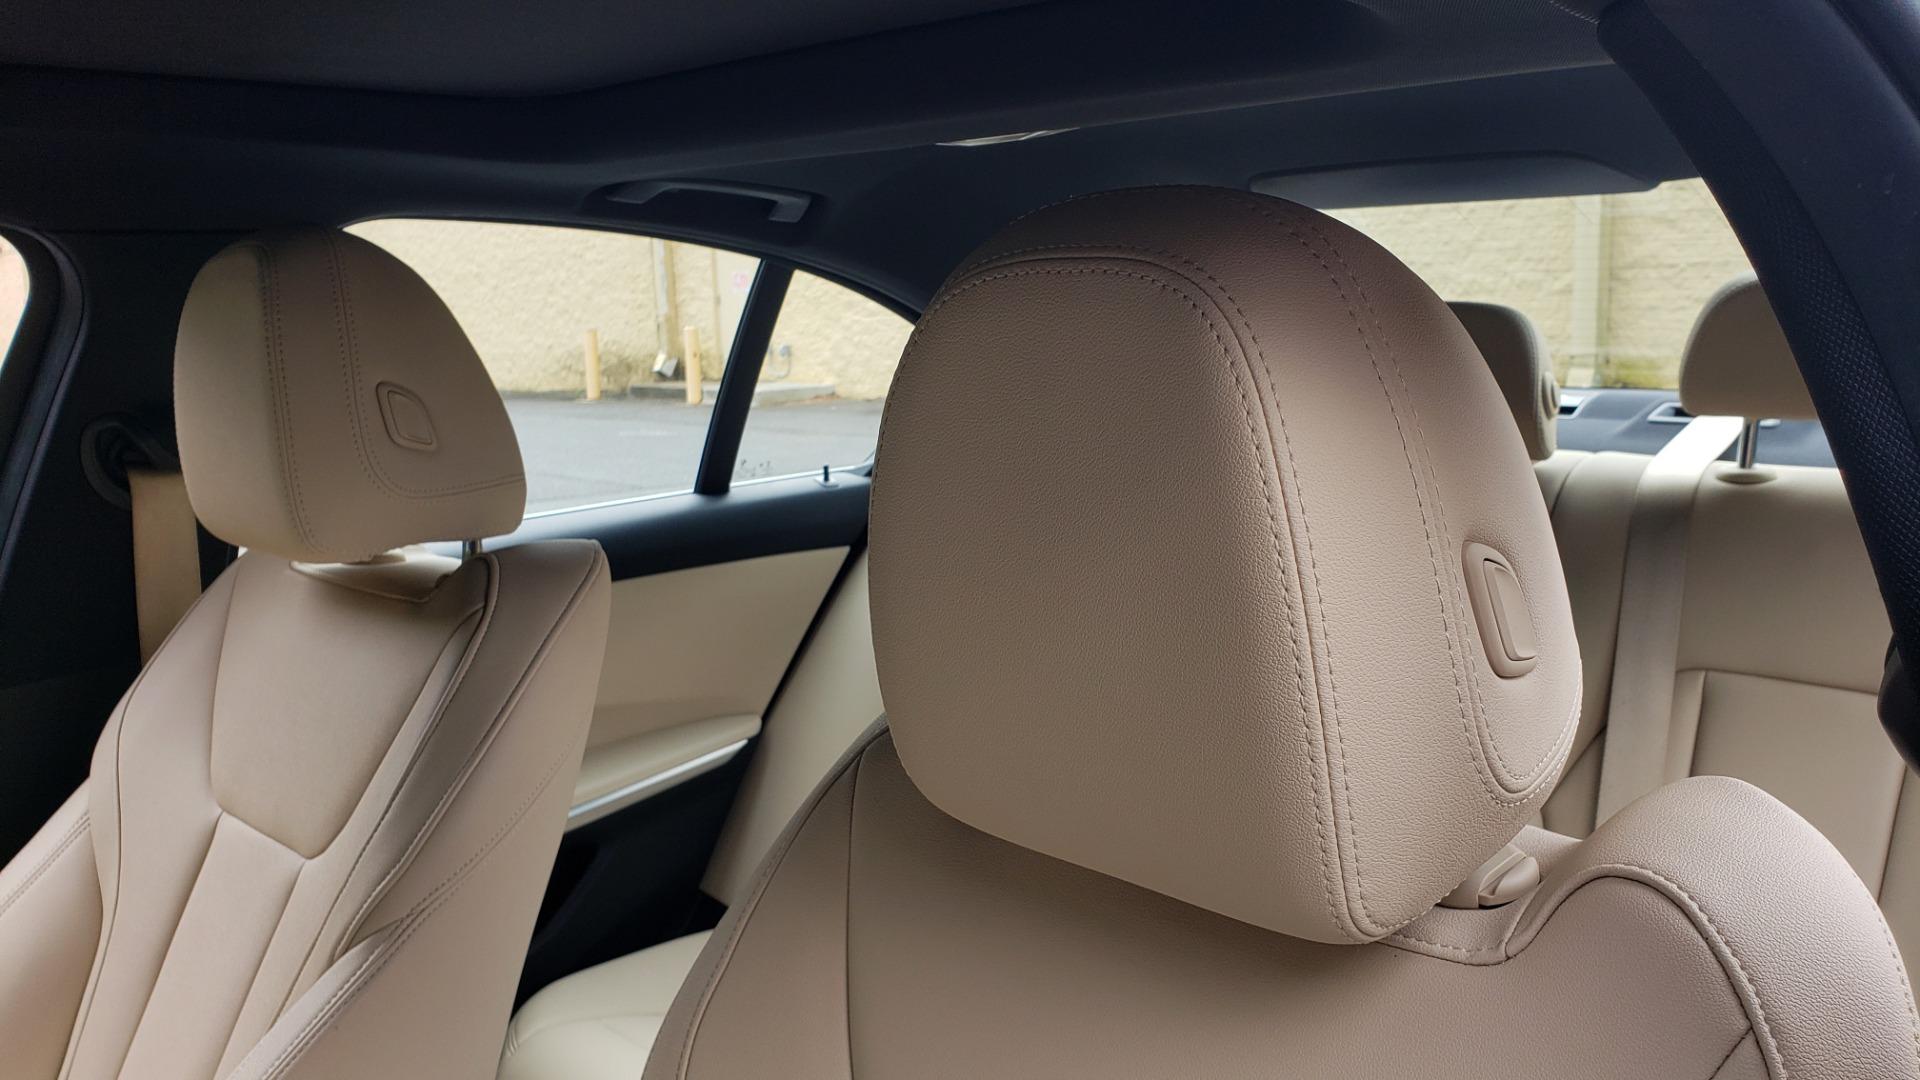 Used 2019 BMW 3 SERIES 330I PREM PKG / NAV / CONV PKG / H&K SND / LIVE COCKPIT PRO for sale Sold at Formula Imports in Charlotte NC 28227 61